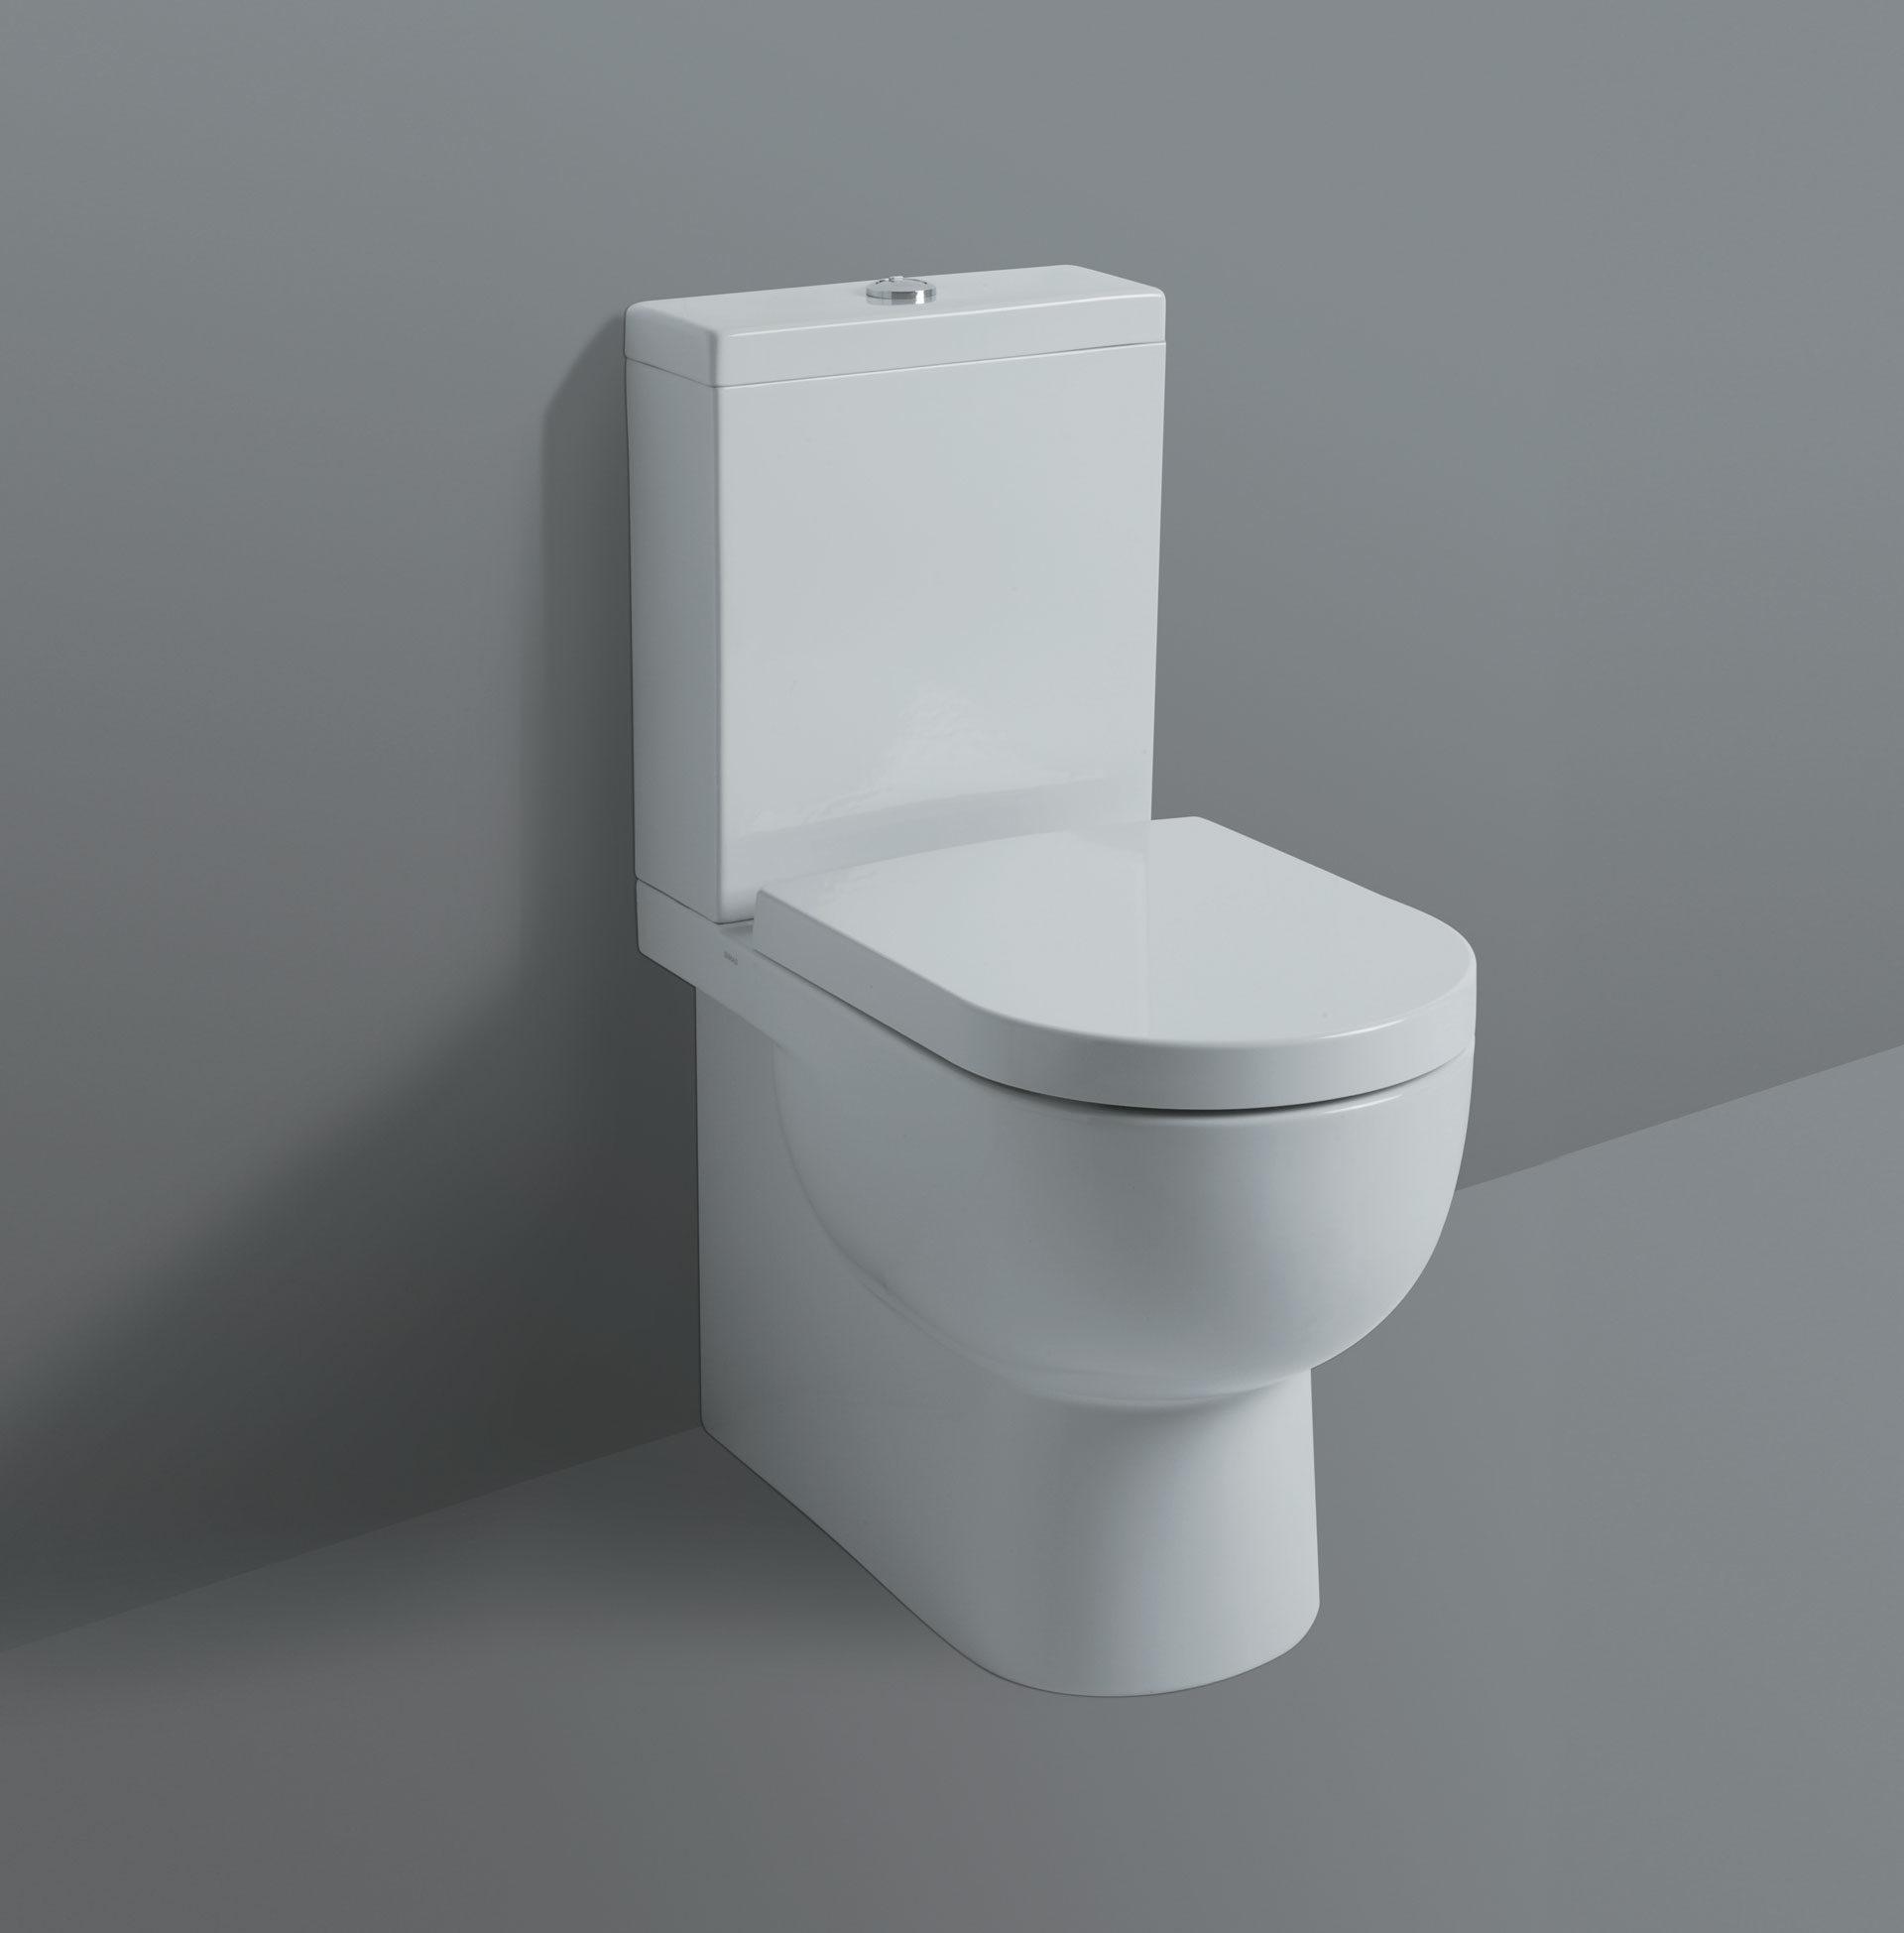 Piatti Doccia Ceramica Simas.Simas E Line Estetica Minimale E Light Price Orsolini